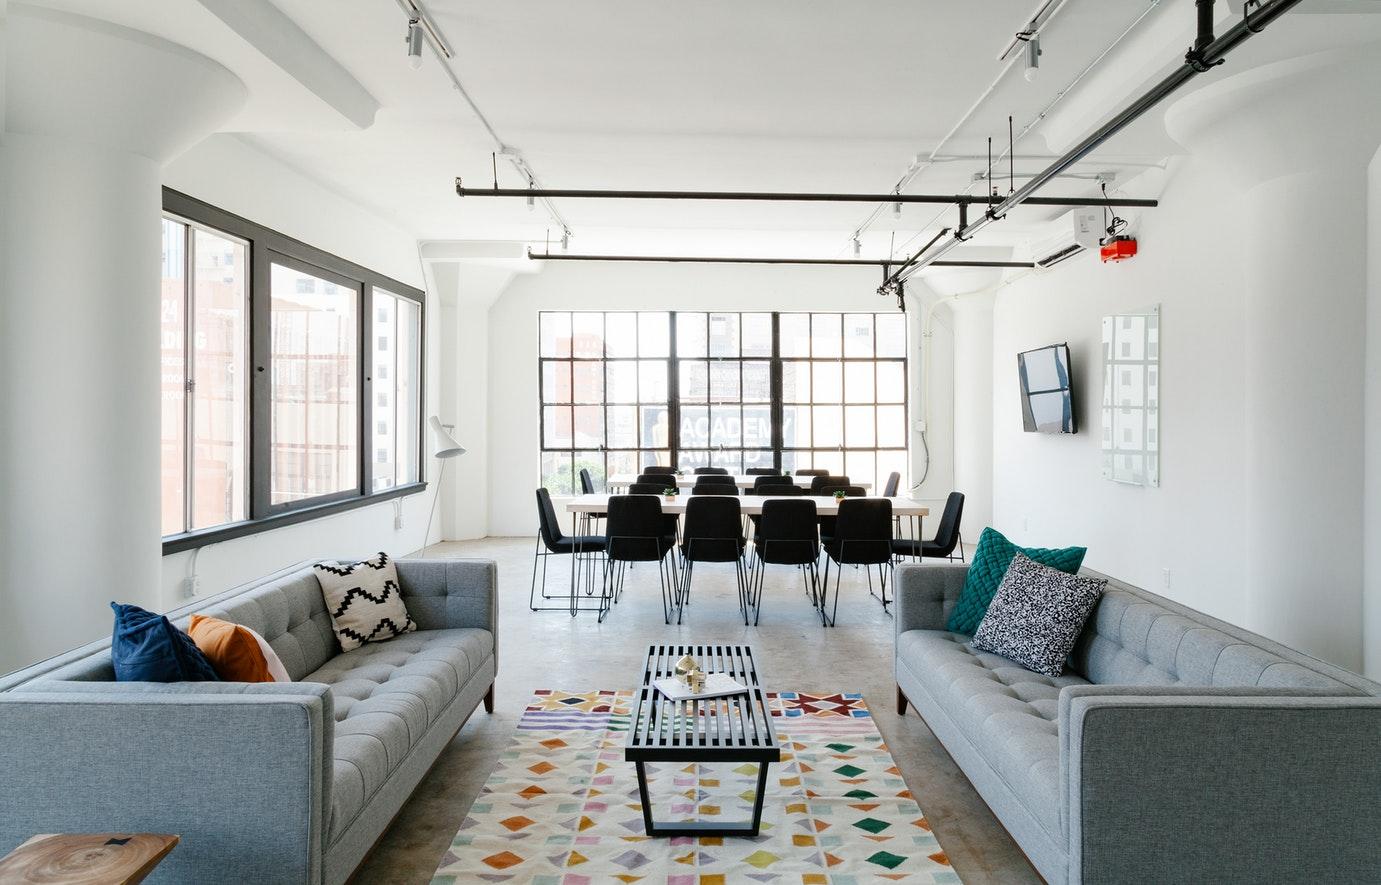 5 conseils omnicanal pour votre boutique de dcoration intrieur